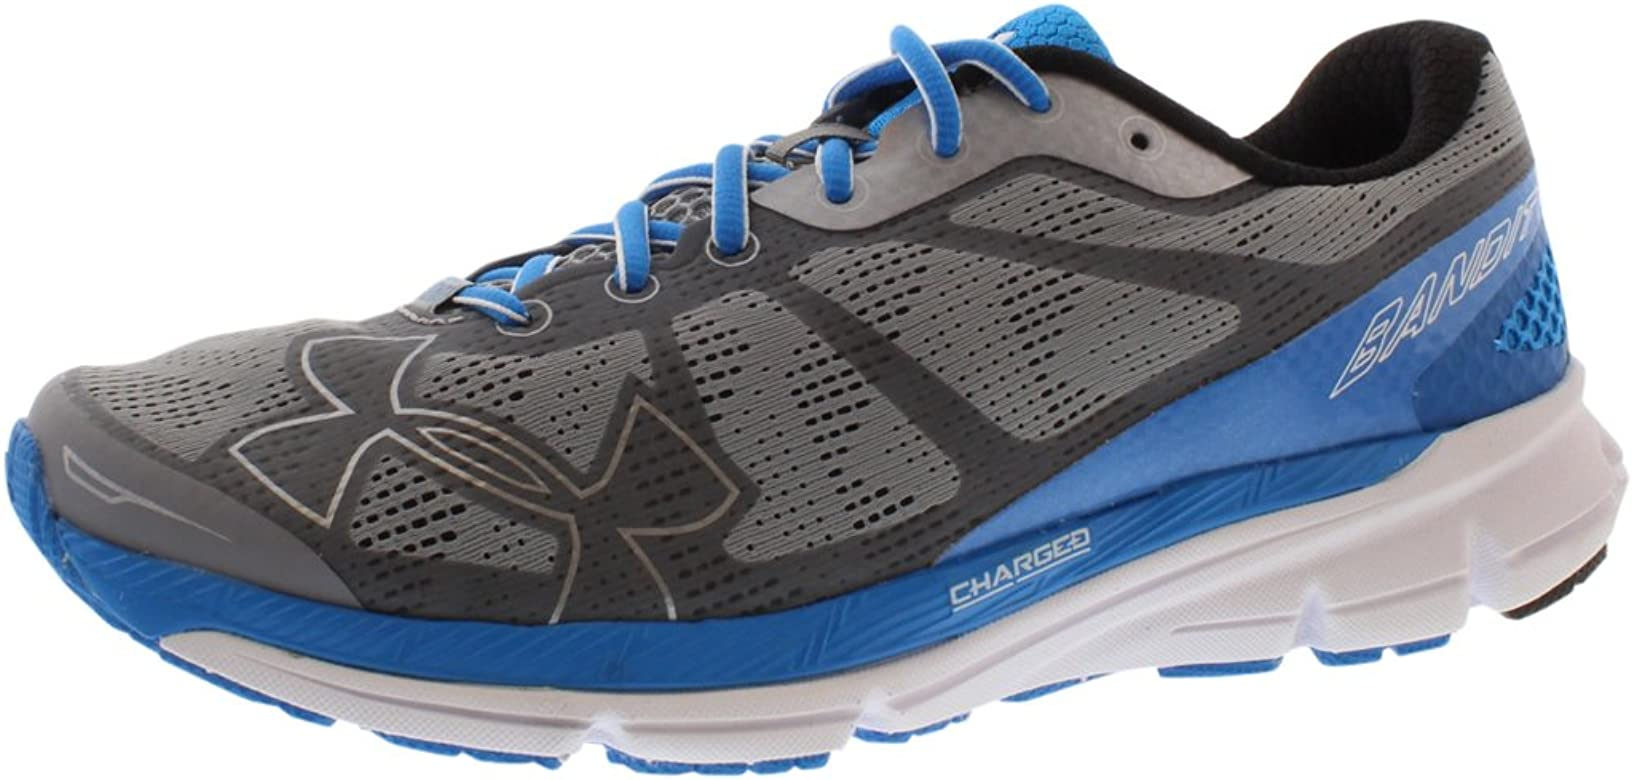 Under Armour UA Charged Bandit Zapatillas de correr para hombre, acero/negro/azul jet, 8 UK: Amazon.es: Zapatos y complementos